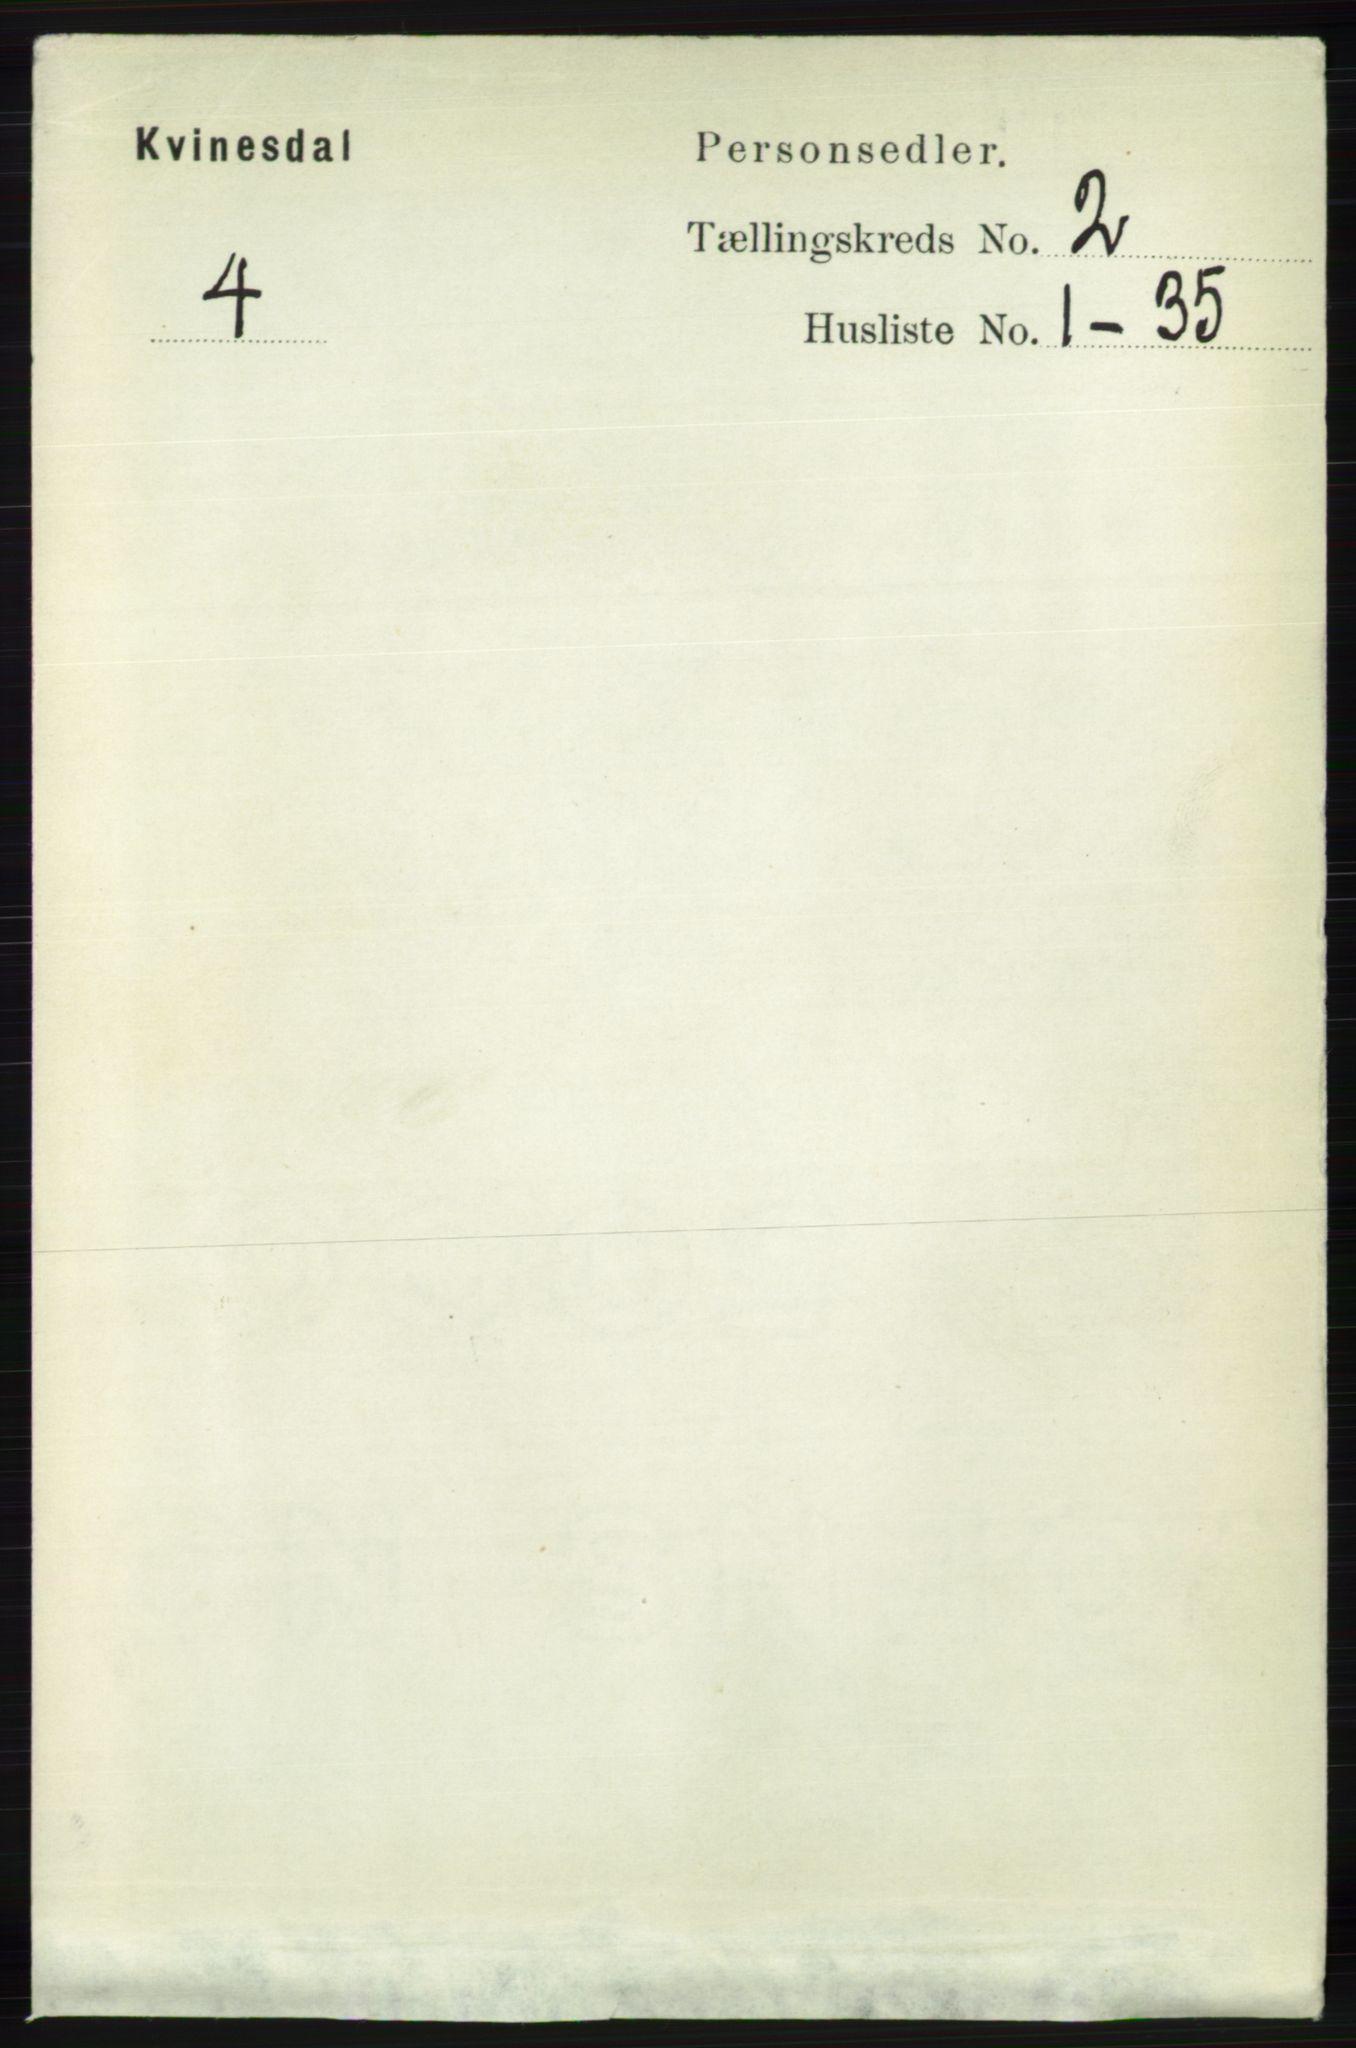 RA, Folketelling 1891 for 1037 Kvinesdal herred, 1891, s. 370